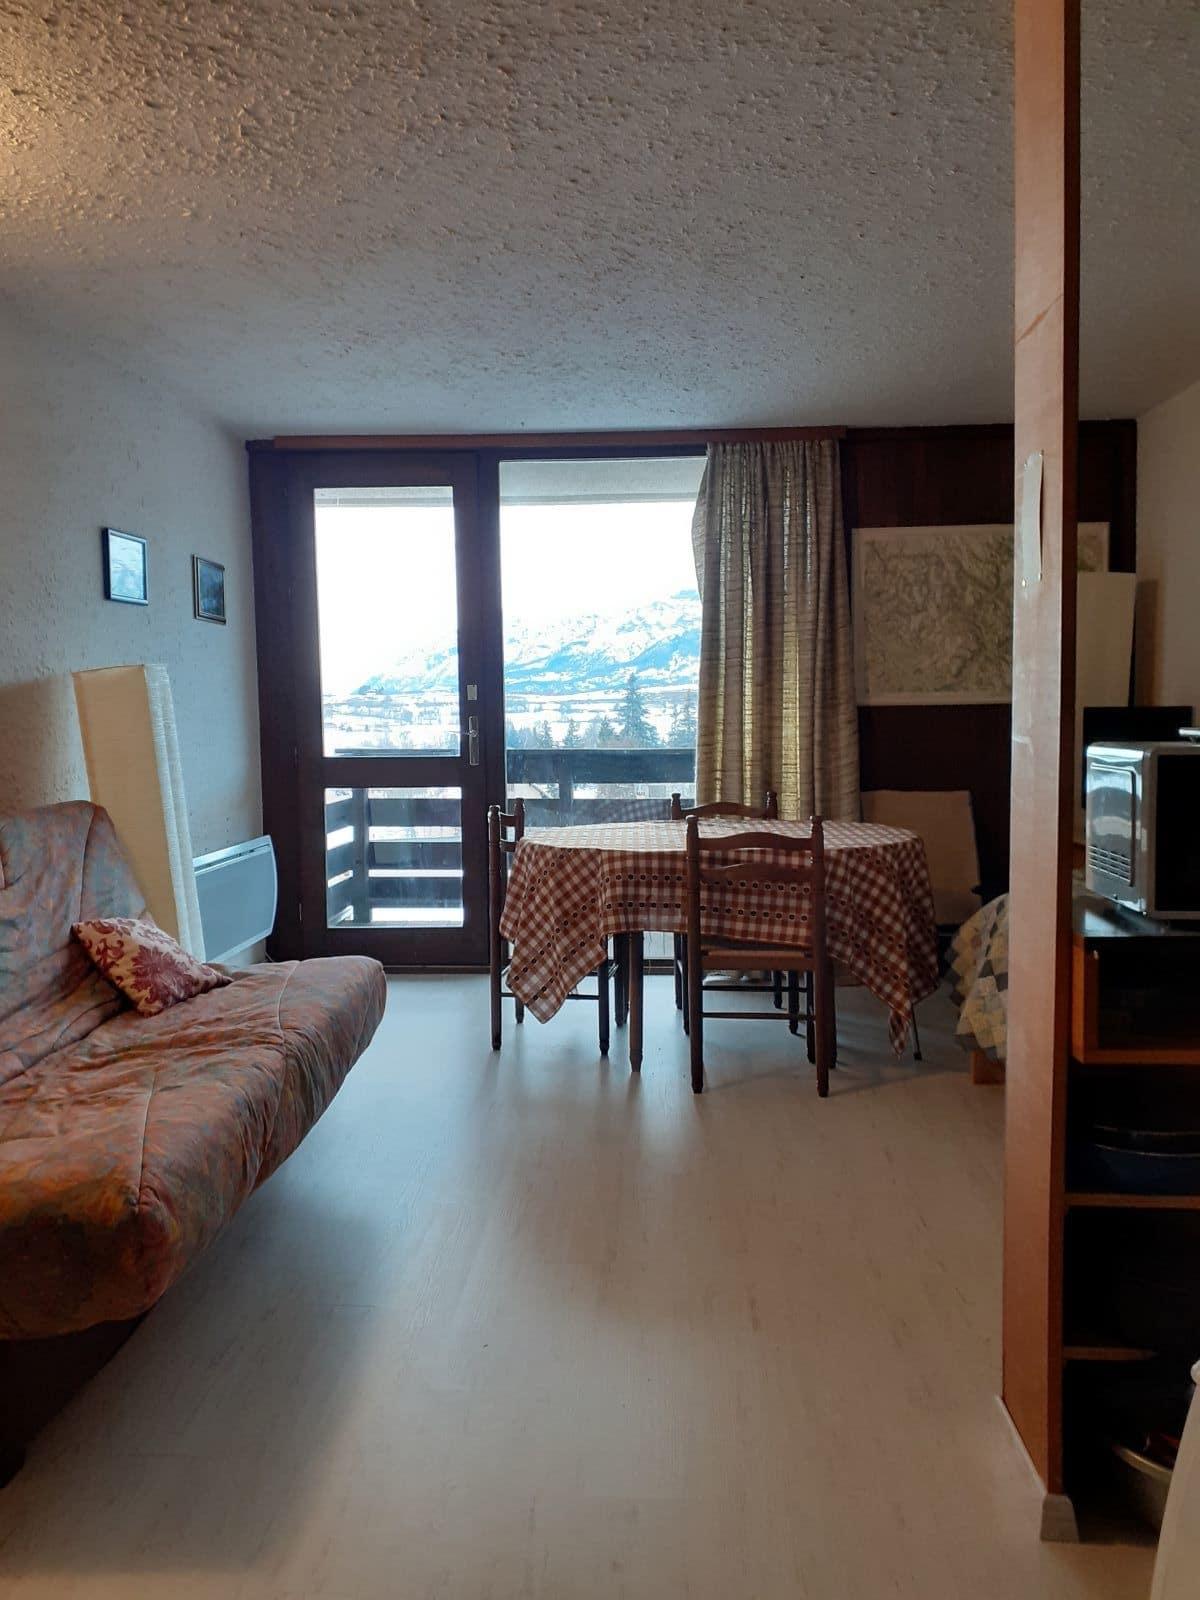 20201214 160921 - ANCELLE STUDIO DE 27 m² ( 5 COUCHAGES) AVEC BALCON